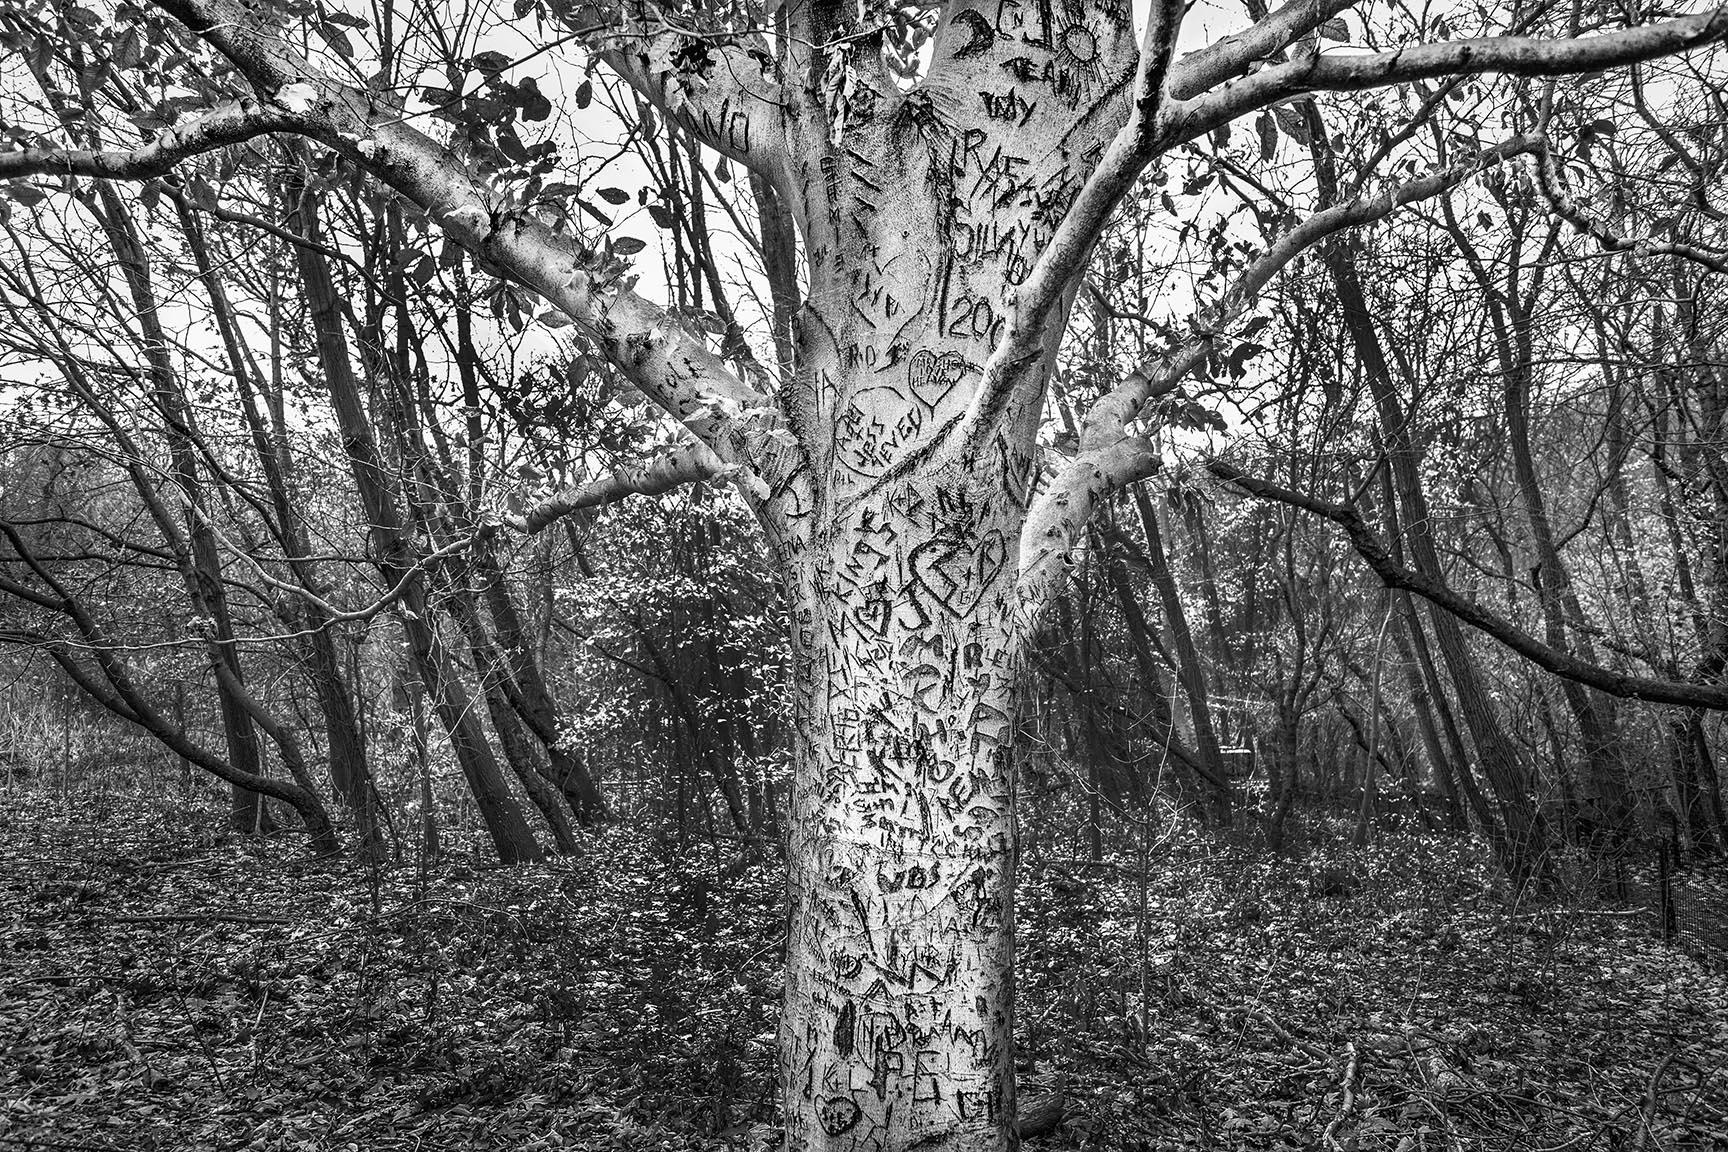 03_Tattoo Tree_5329-BLOG